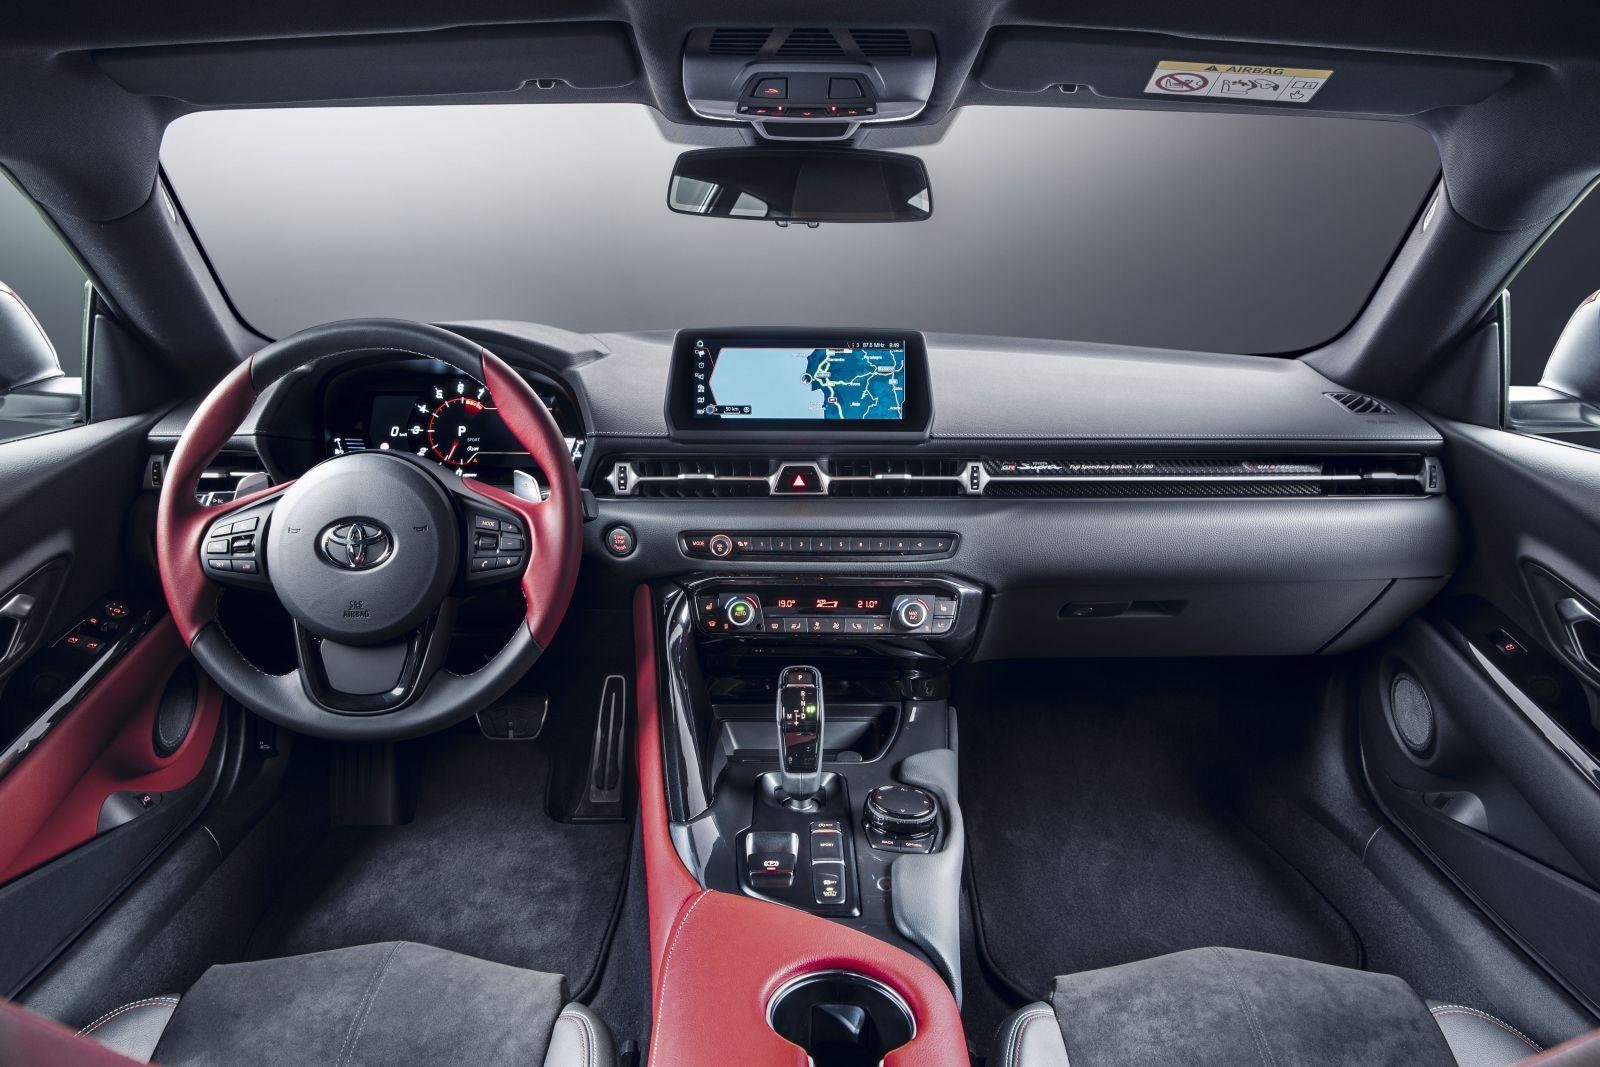 Znovuzrodená Supra prichádza do Európy so štvorvalcom. Pohádza opäť od BMW a má 258 koní